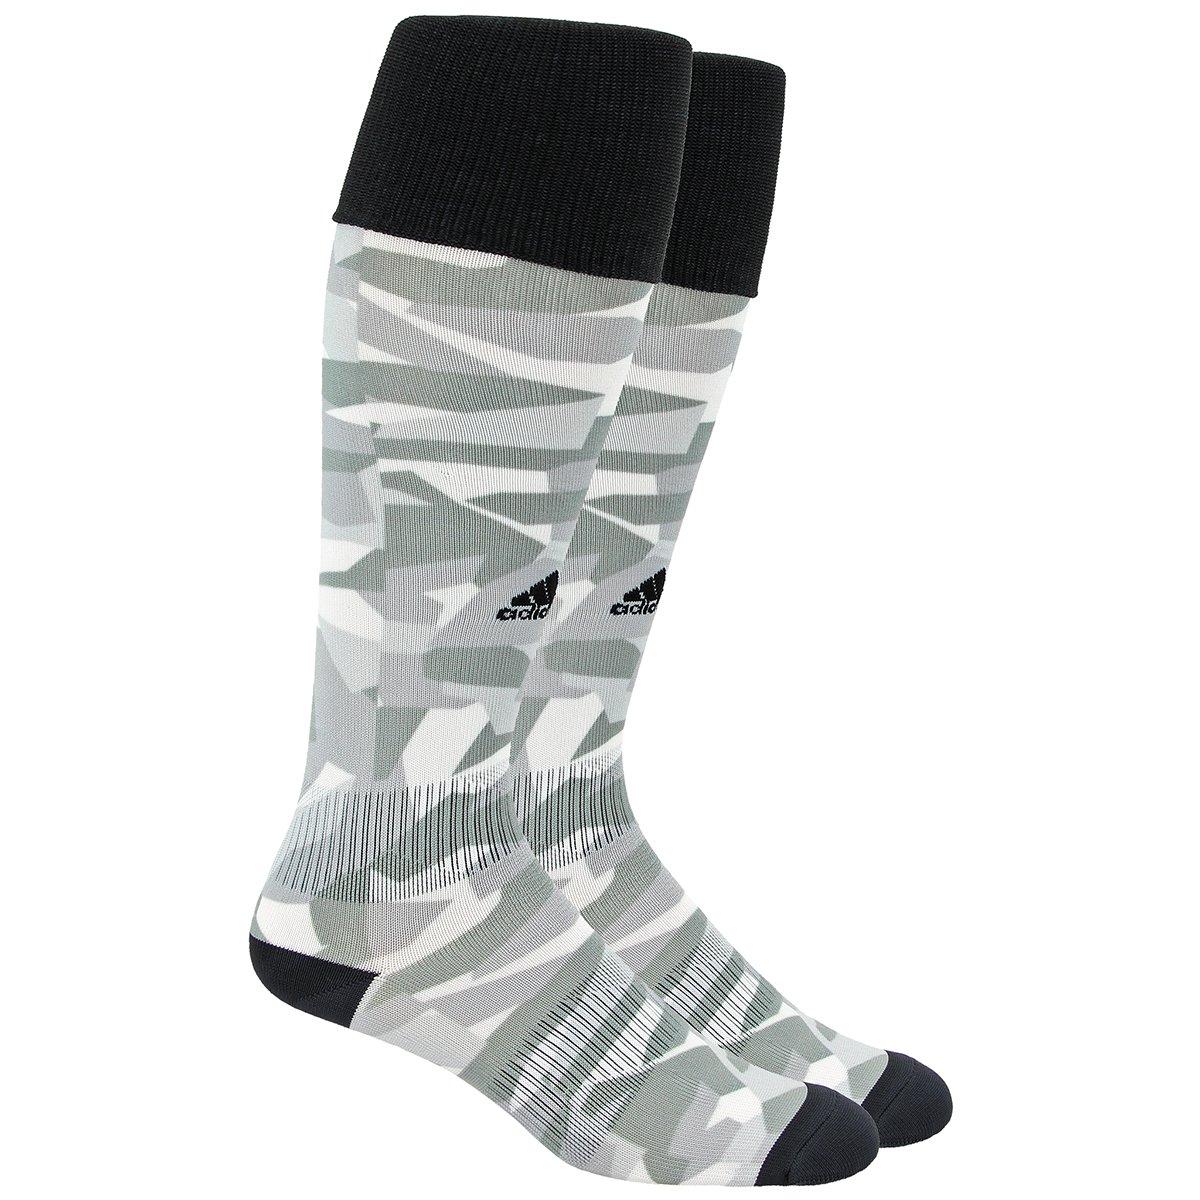 Galleon - Adidas Metro IV Soccer Socks 1fb3c8b3f3